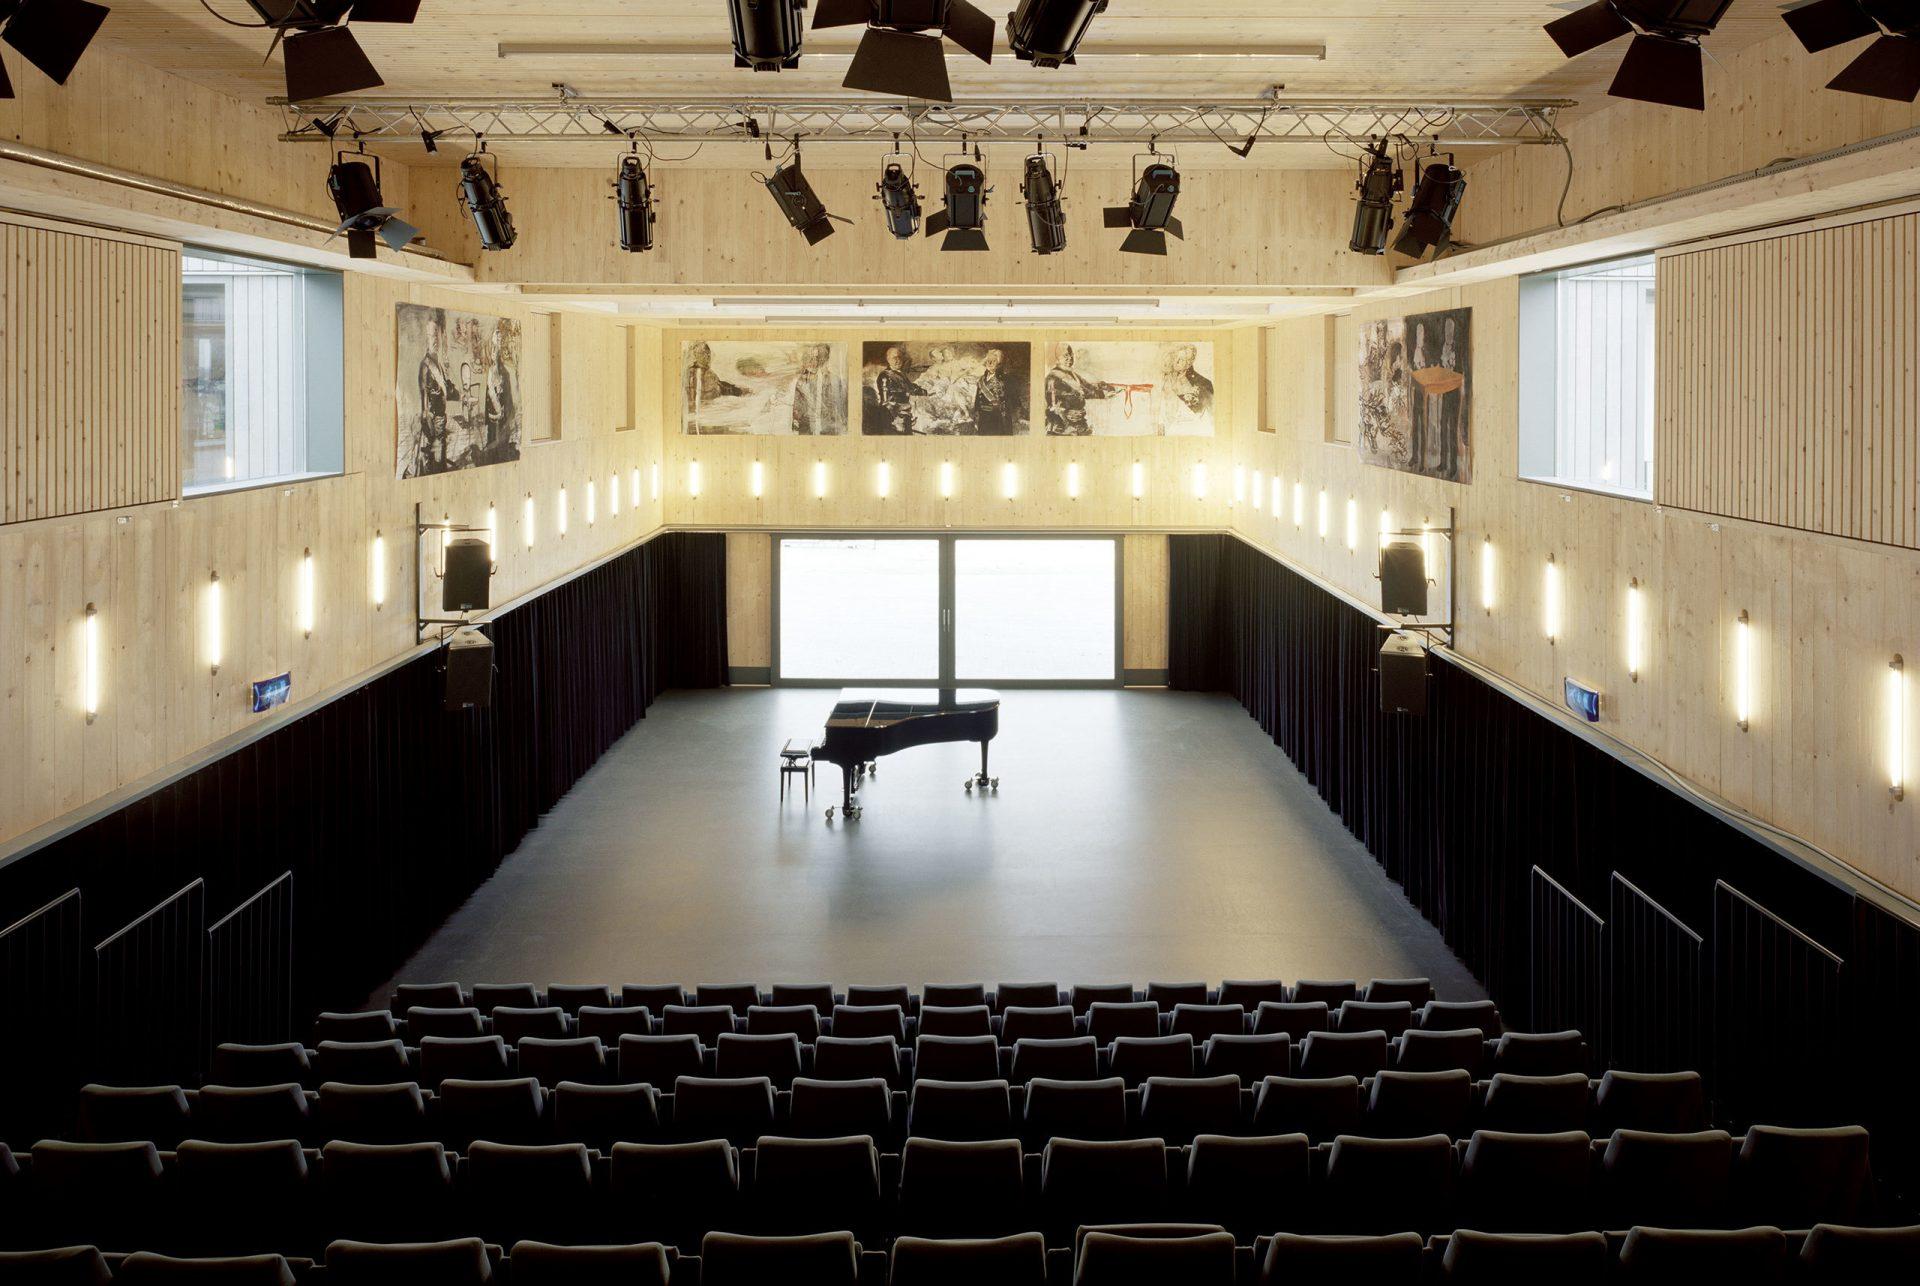 Kamers Auditorium 2